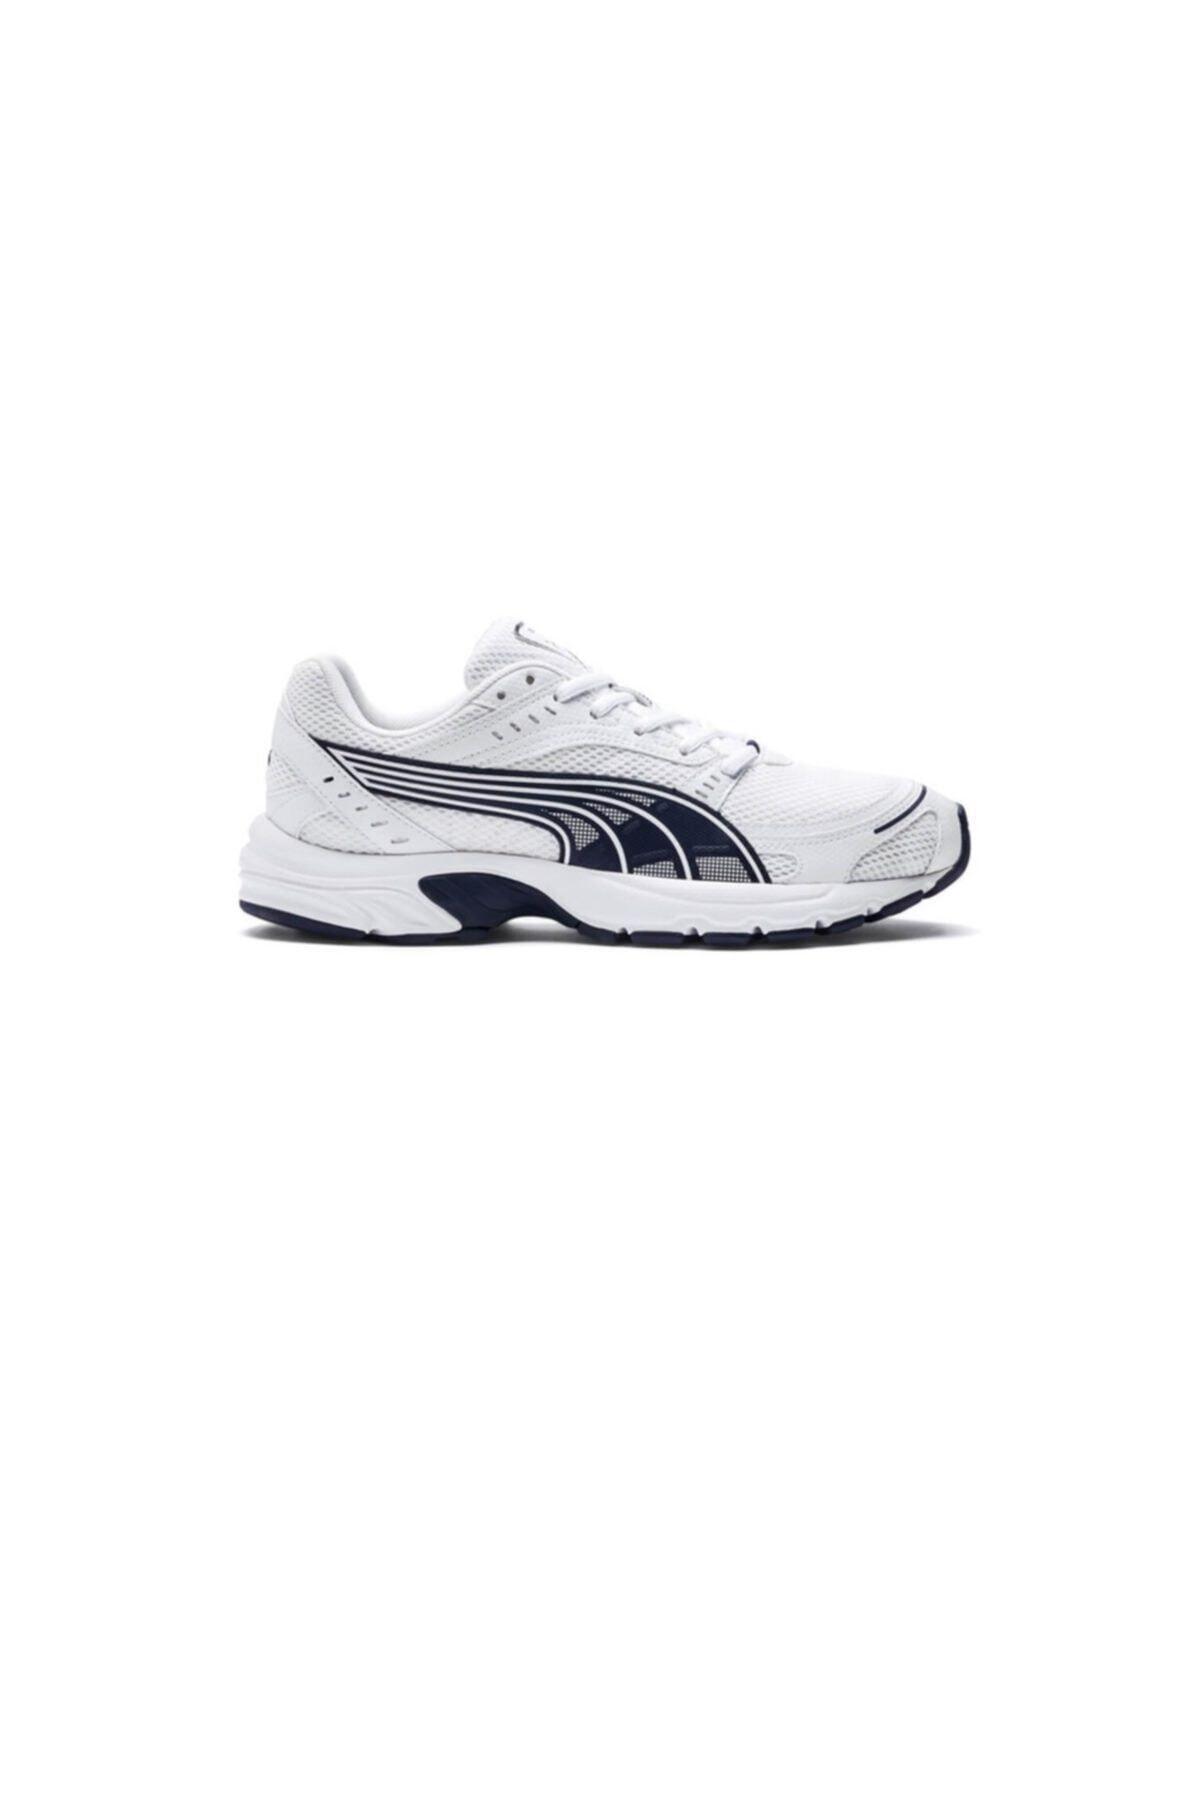 Puma AXIS Beyaz Erkek Koşu Ayakkabısı 100407793 1